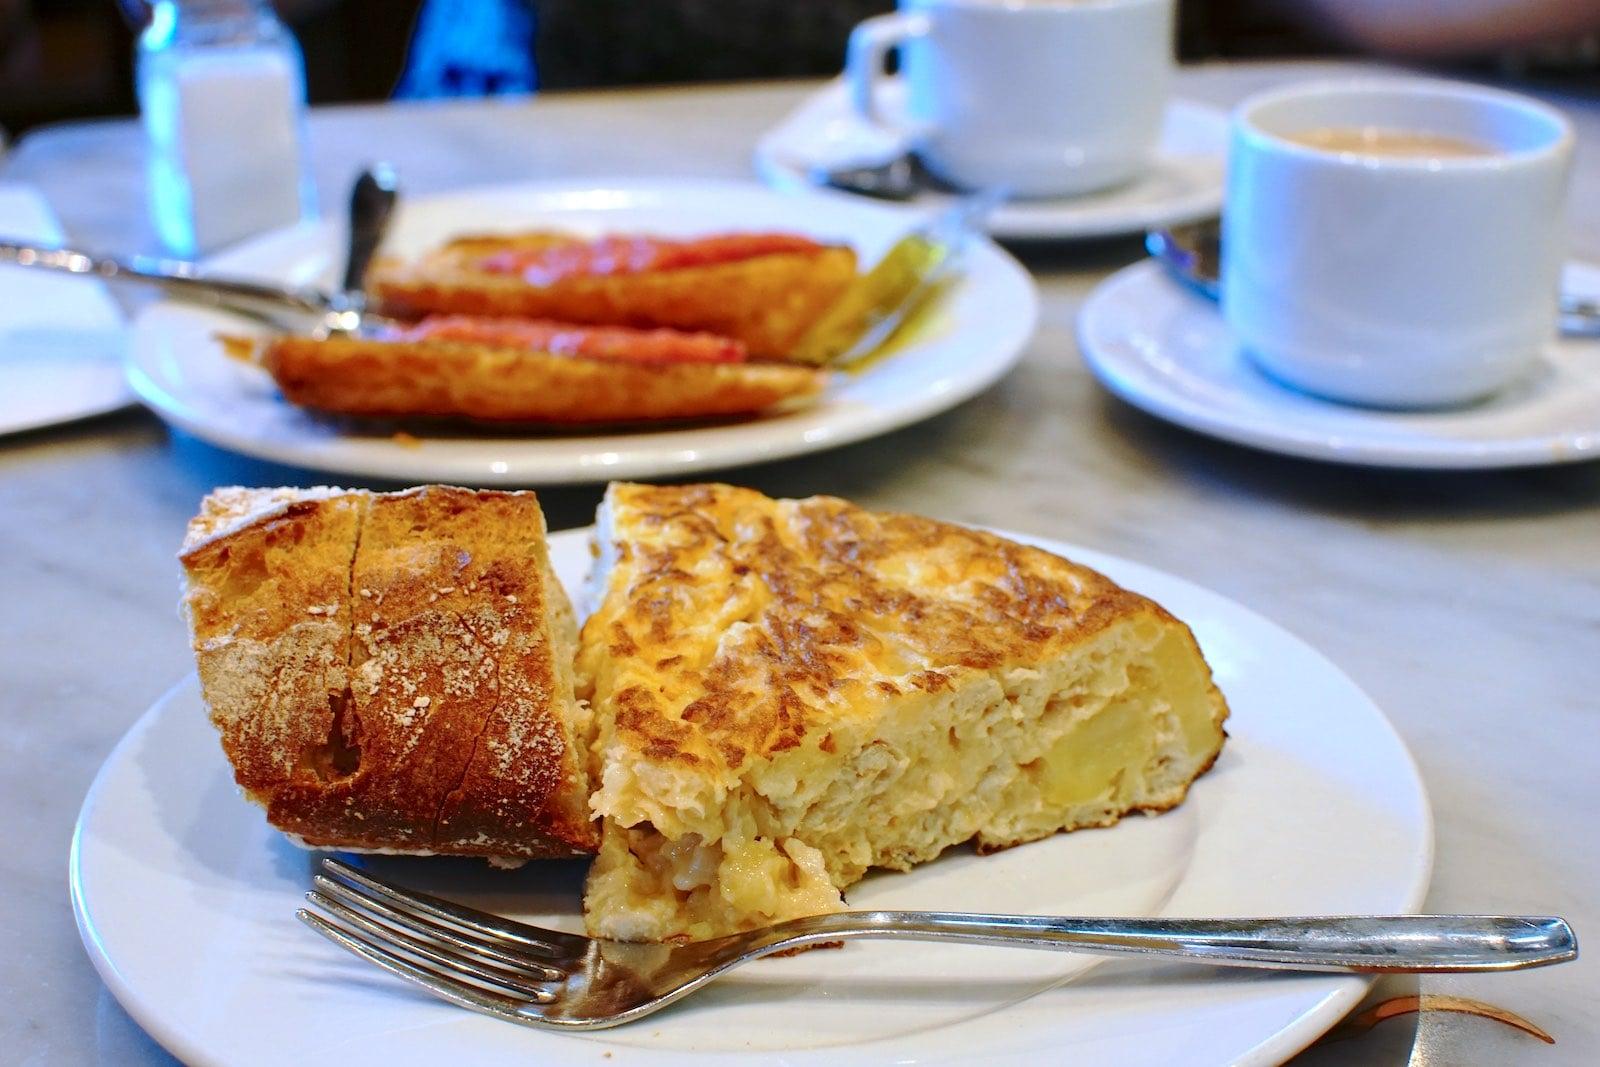 cover photo: Agahang Kastila: Pincho de Tortilla, Churros at Tostada de Tomate